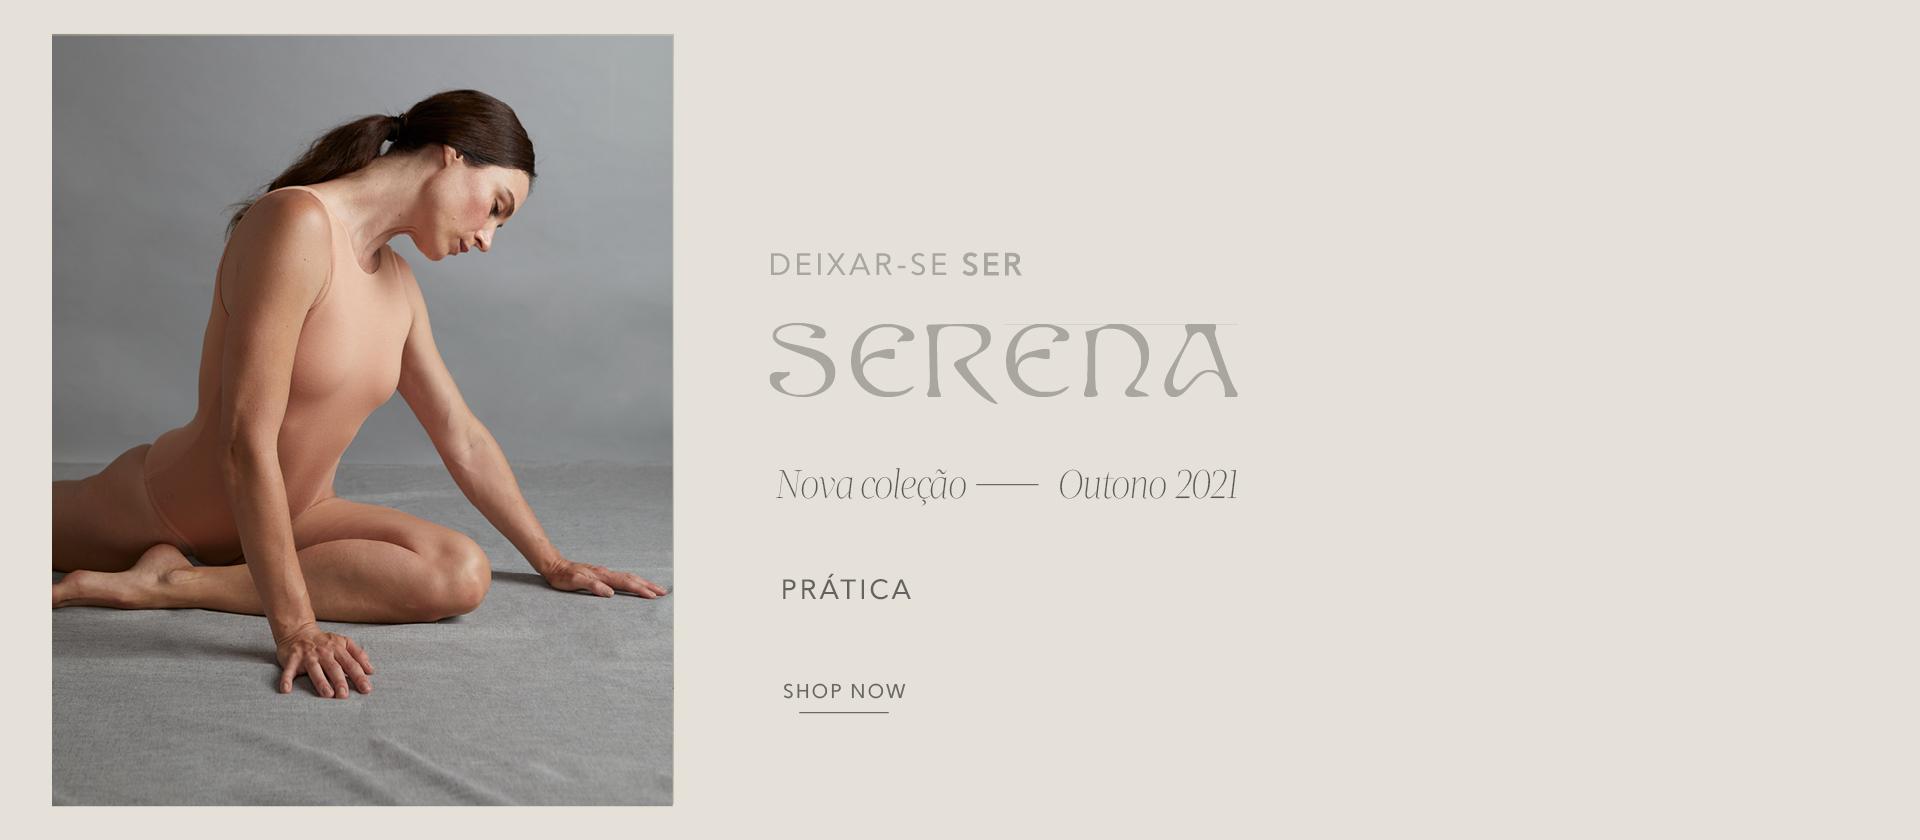 SERENA - Mobile - 17/02 - Prática